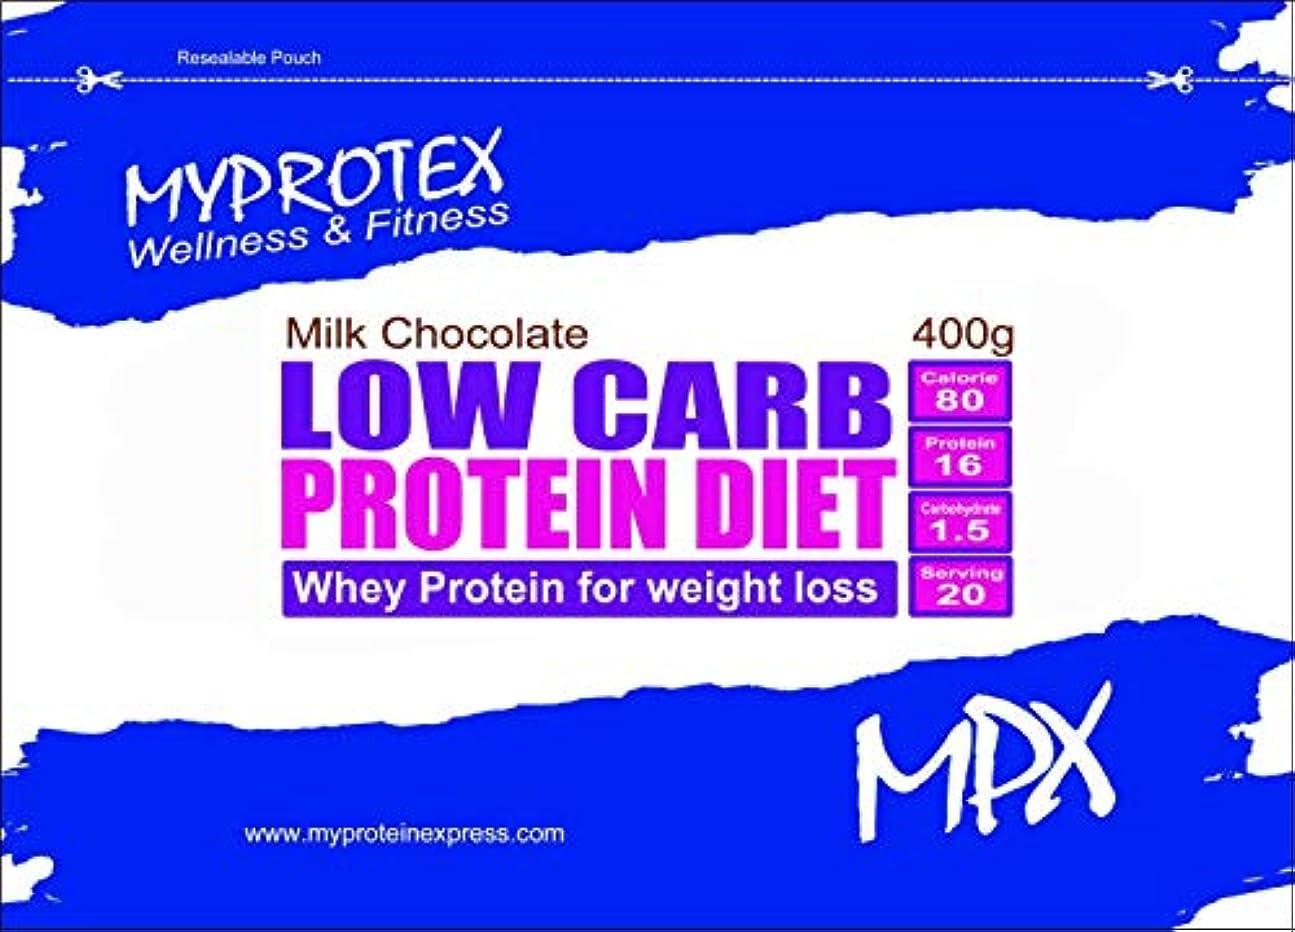 誘導力学根絶するMPX ローカーボ プロテインダイエット?Low Carb Protein Diet?マイプロテクス ダイエットシェイク (ミルクチョコレート, 400g)